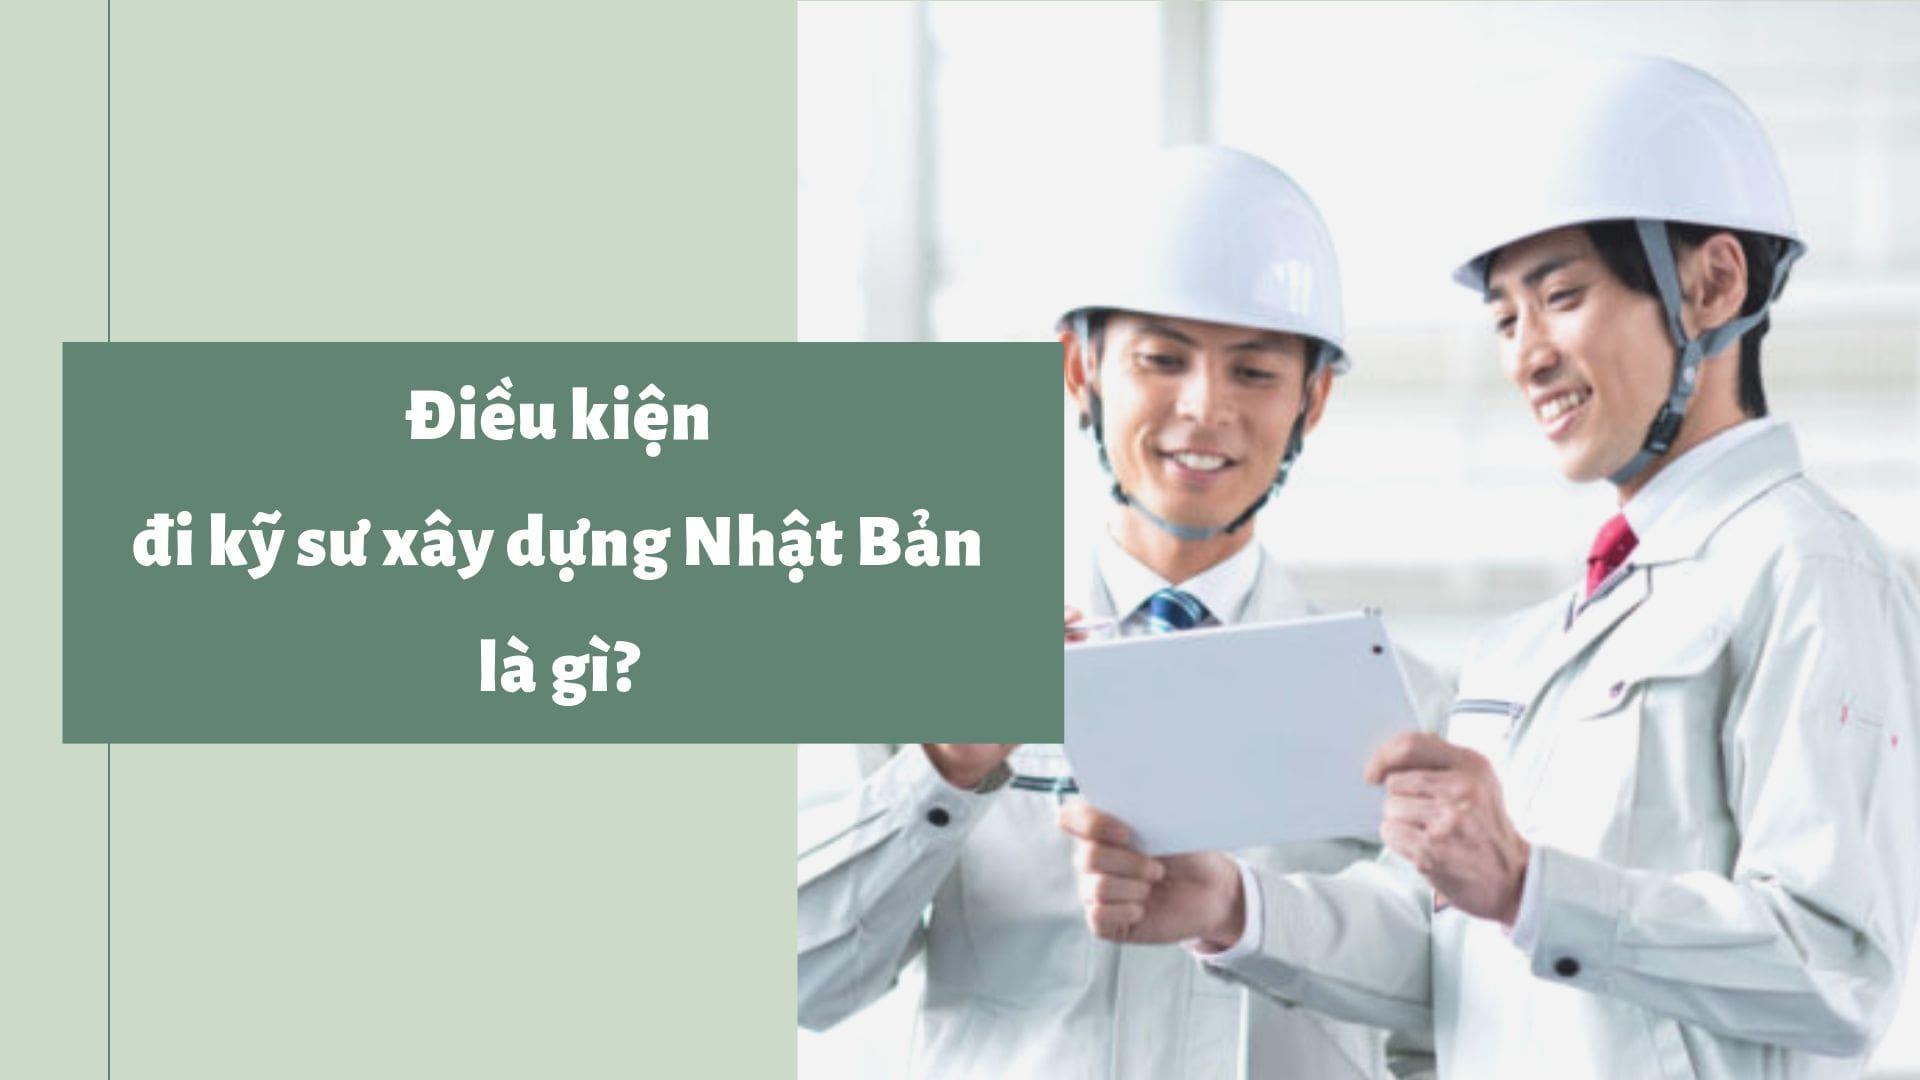 Đơn hàng kỹ sư xây dựng đi Nhật là làm gì? Lương bao nhiêu?